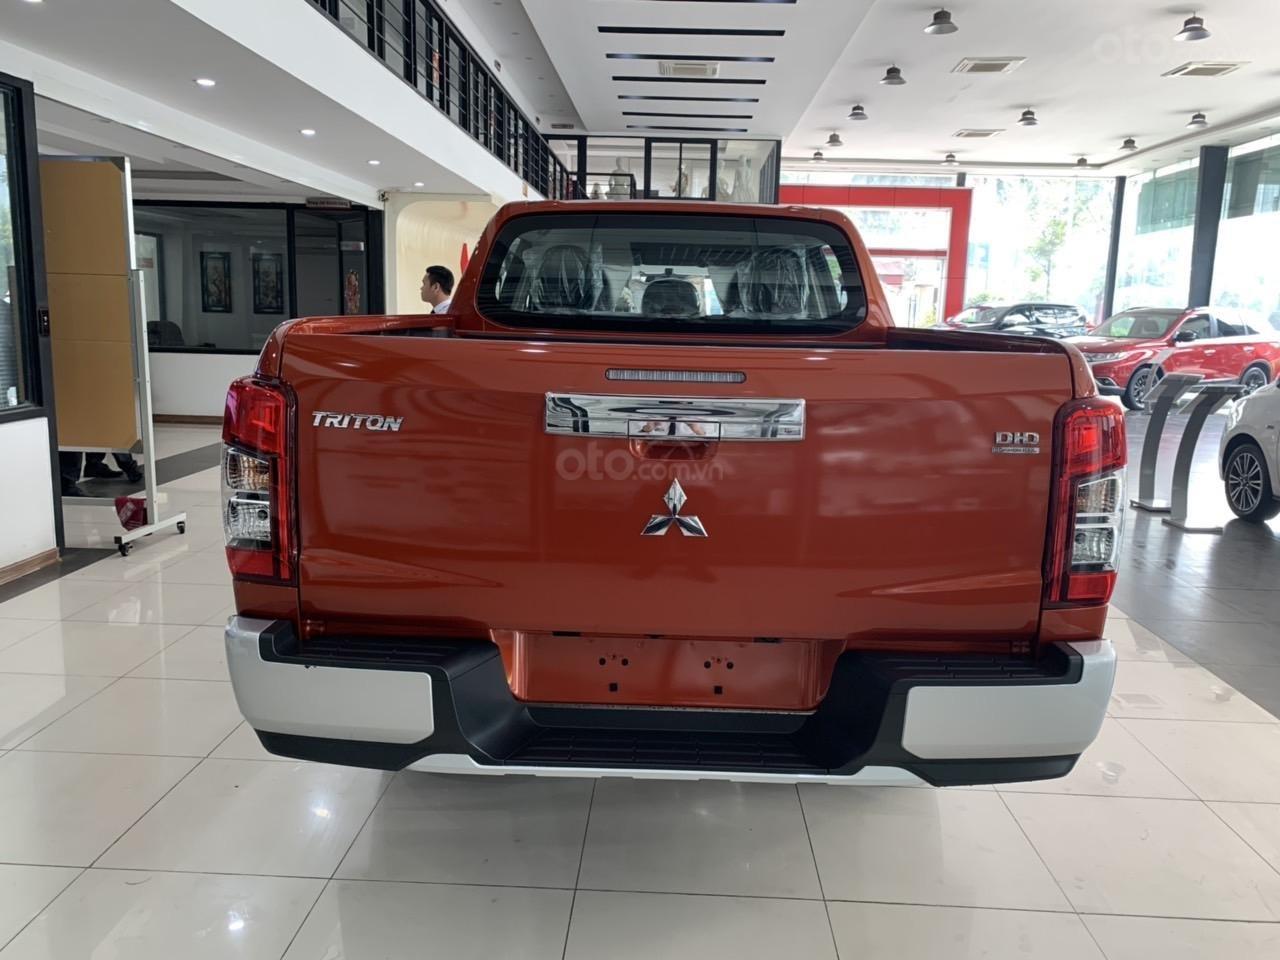 Mitsubishi Triton 4x2 AT Mivec màu cam nhập khẩu giá chỉ 630 triệu, giảm giá tốt nhất thị trường (15)